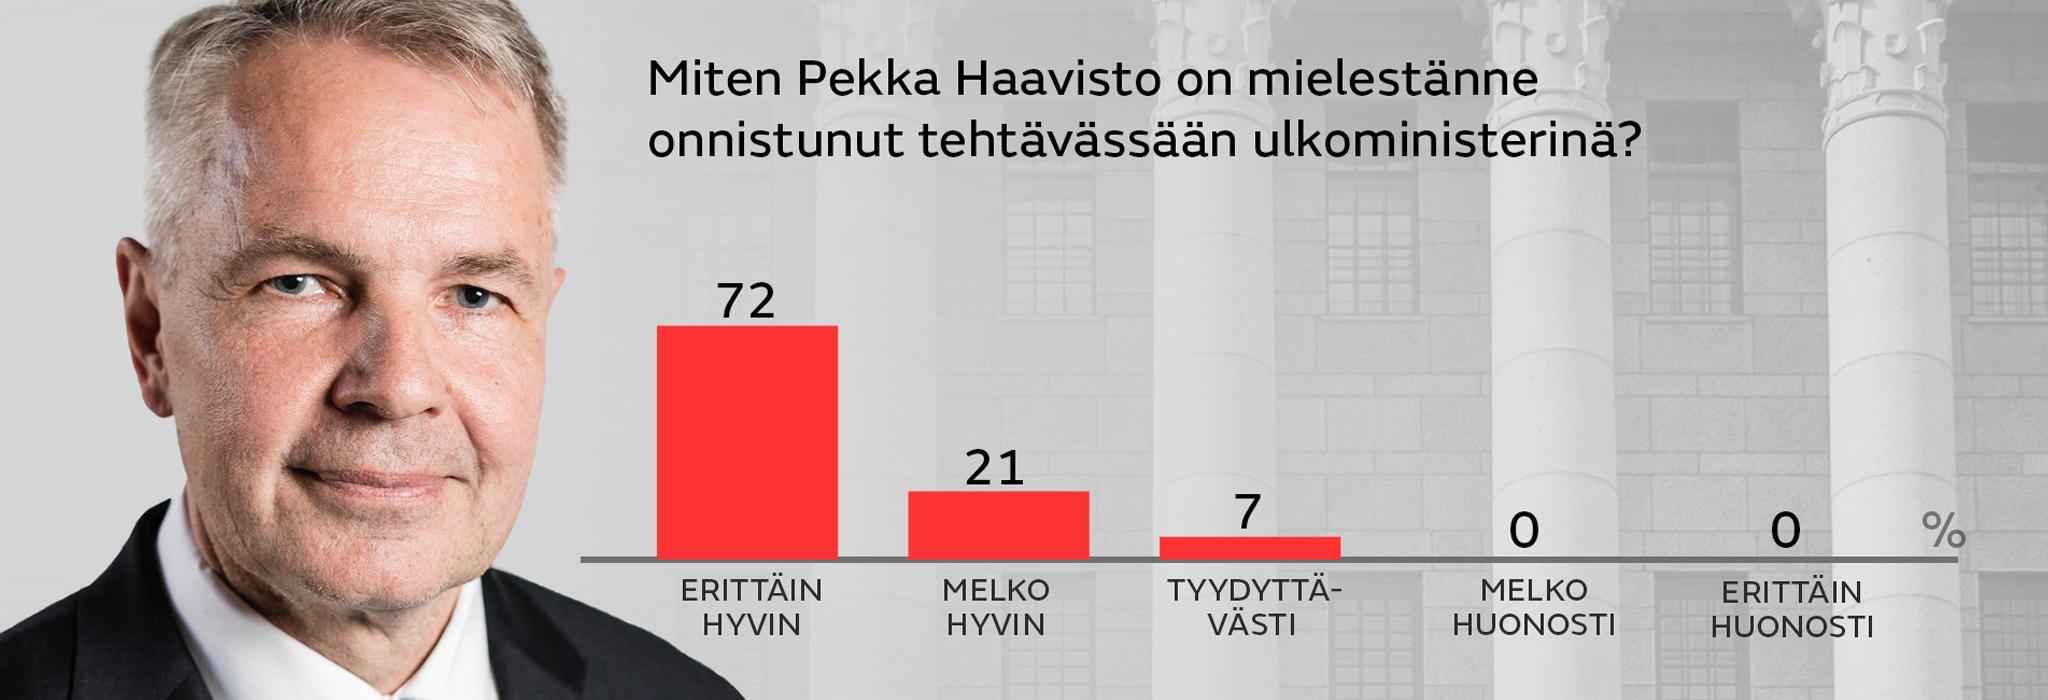 Vihreat_Miten Pekka Haavisto on mielestanne